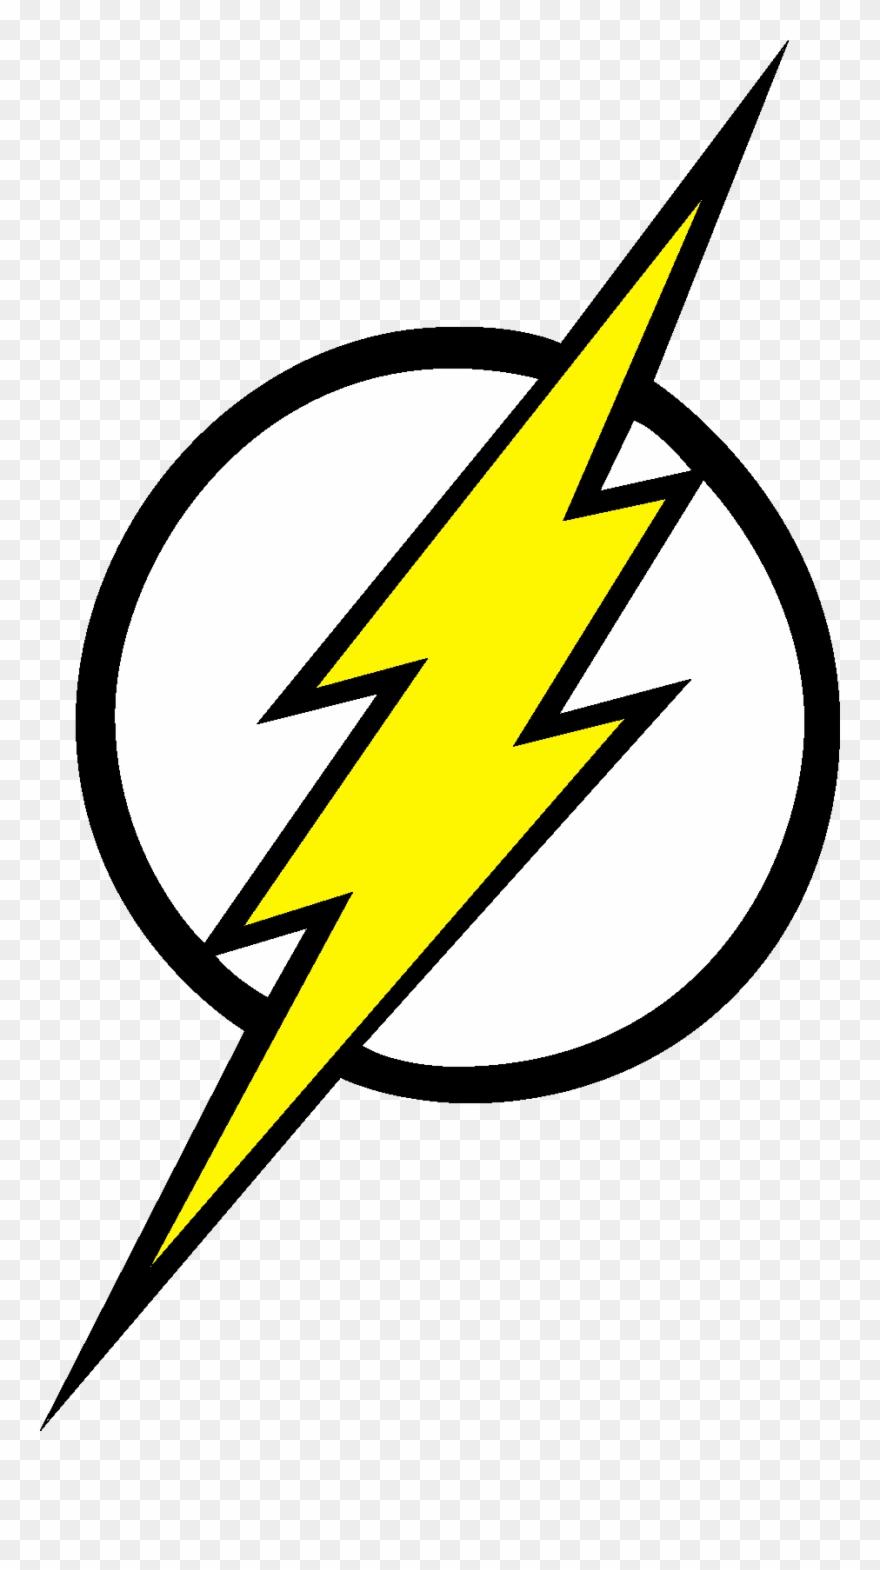 Lightning Clipart Svg.